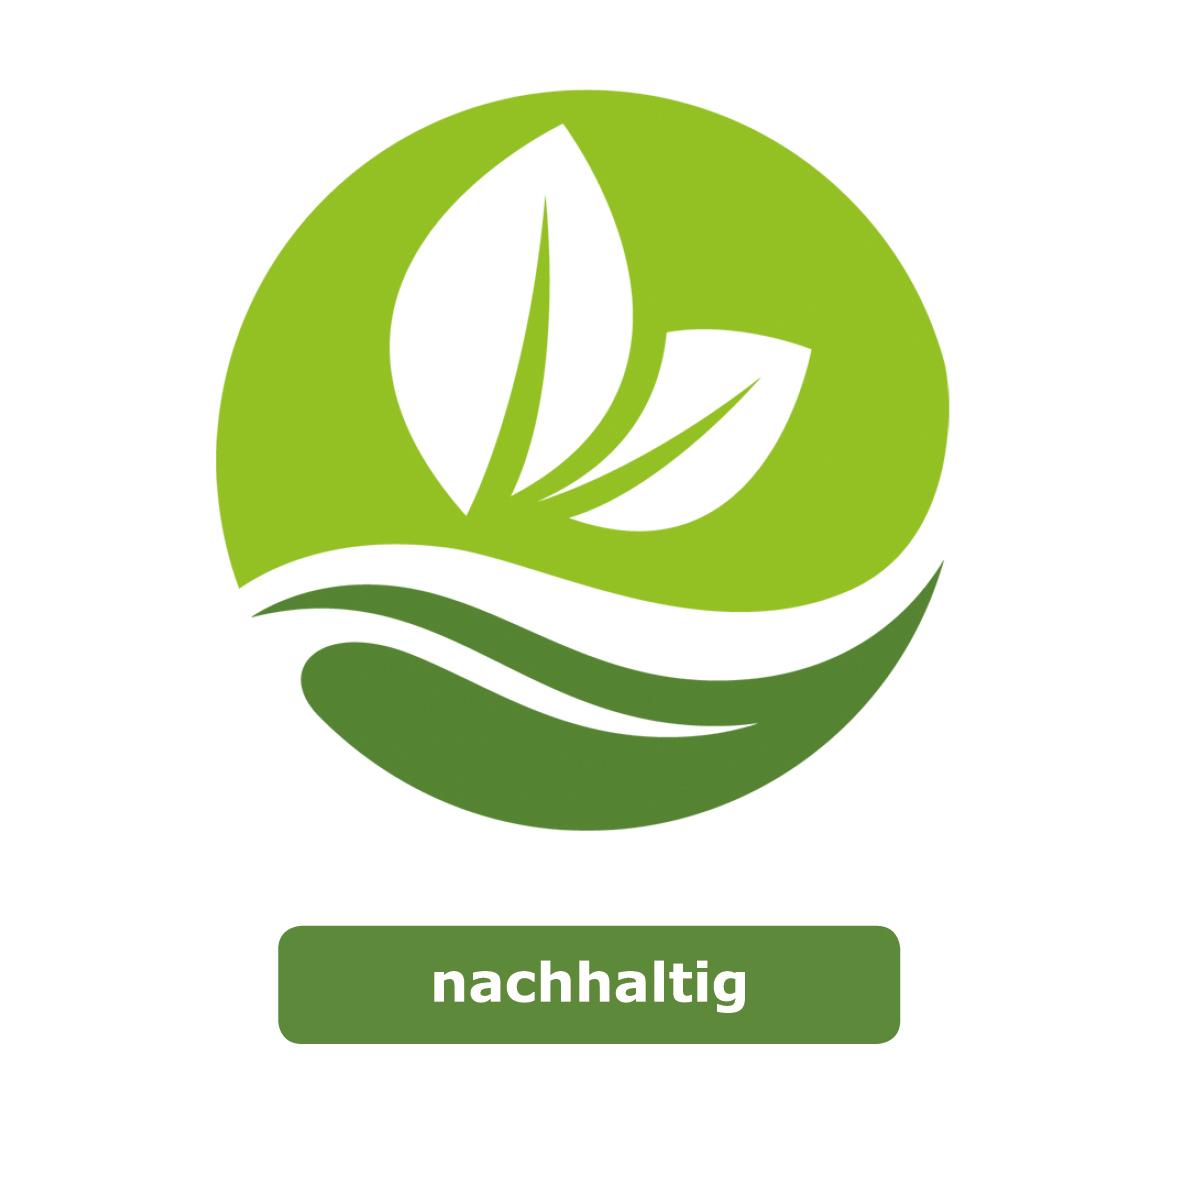 Ein grünes rundes Symbol mit weißen zwei weißen Blättern und einer weißen Welle in der Mitte. Das Logo steht für den Wert Nachhaltigkeit